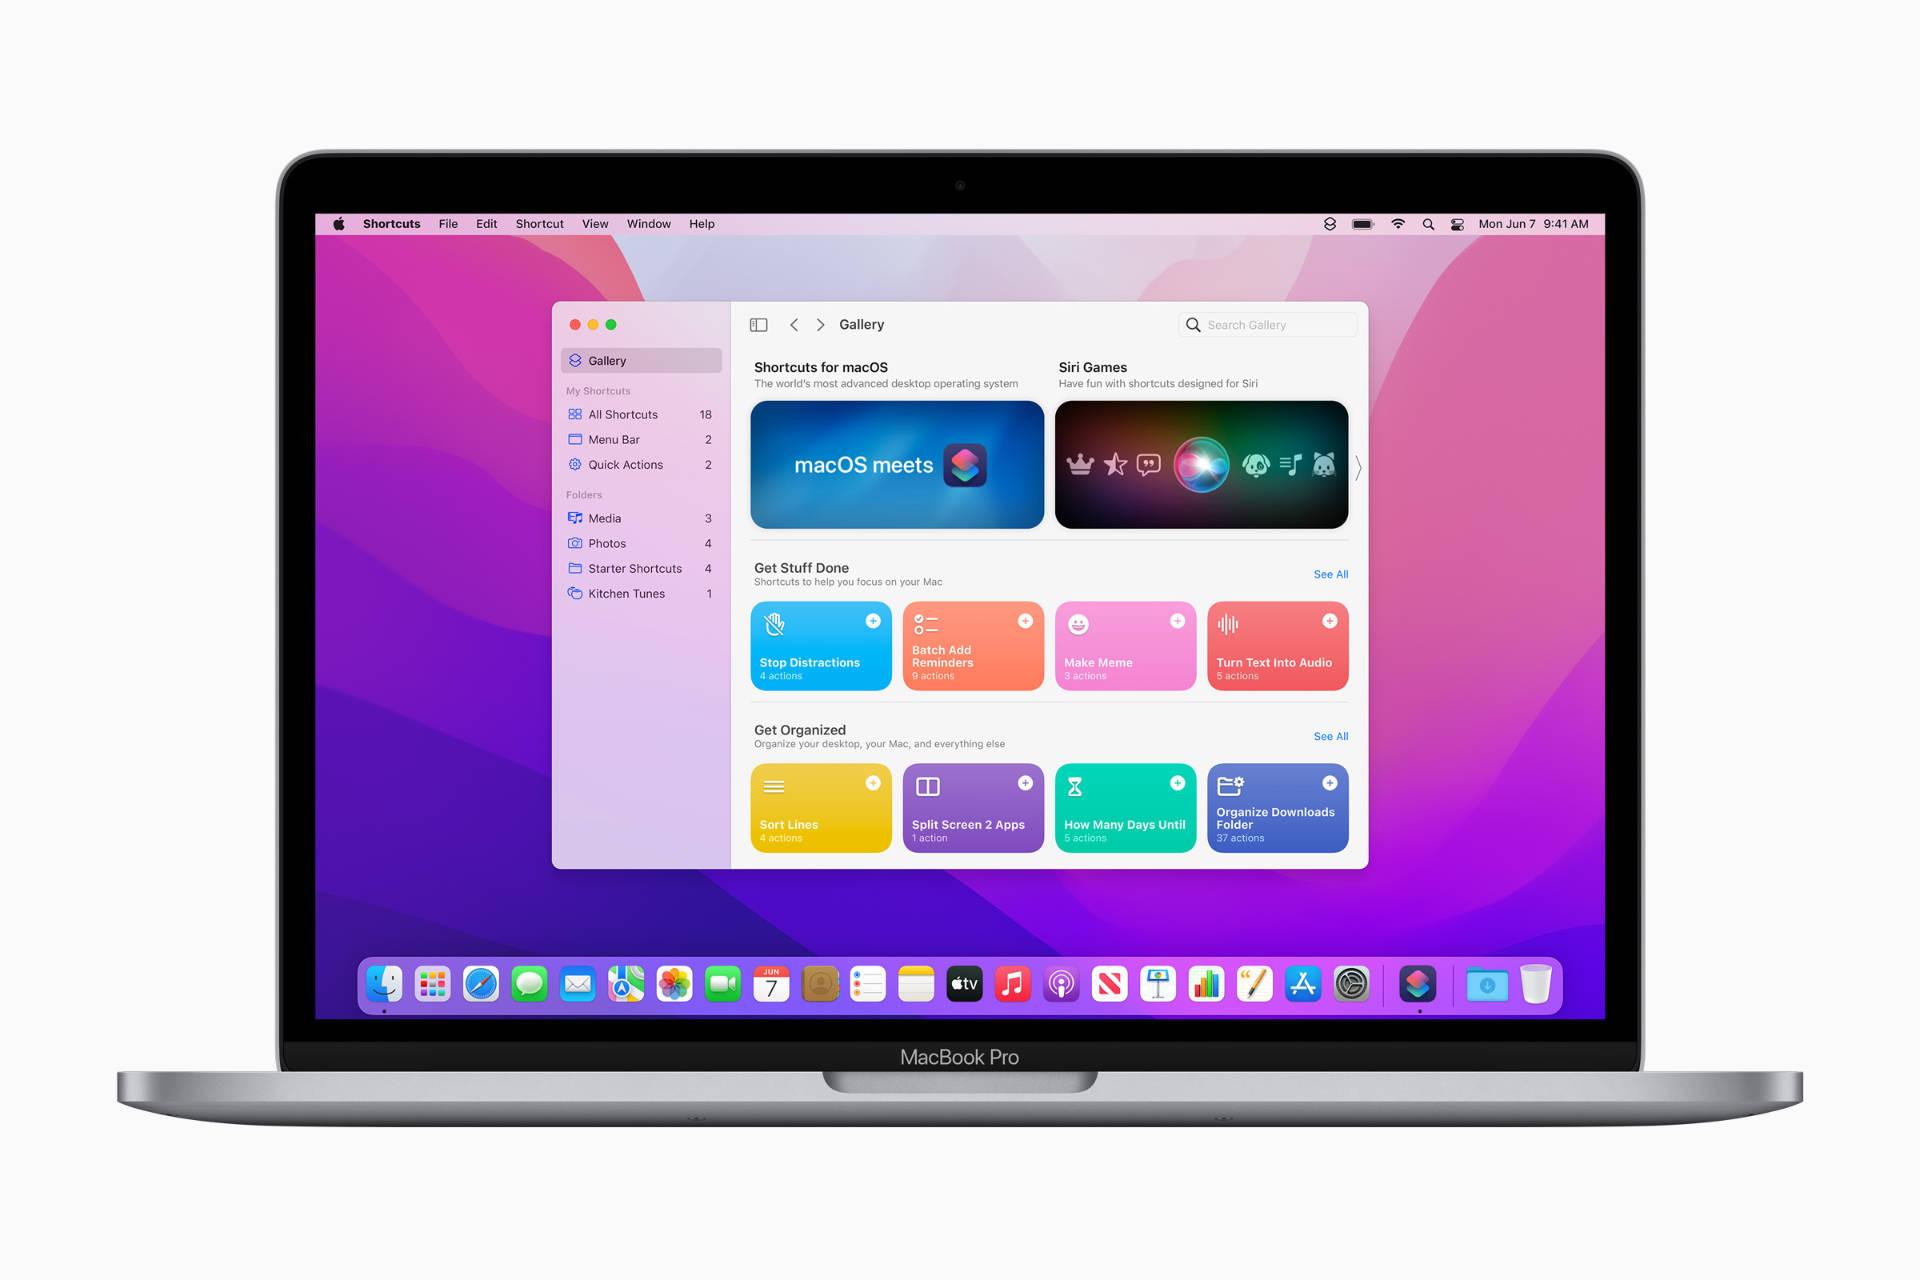 Shortcuts in macOS Monterey